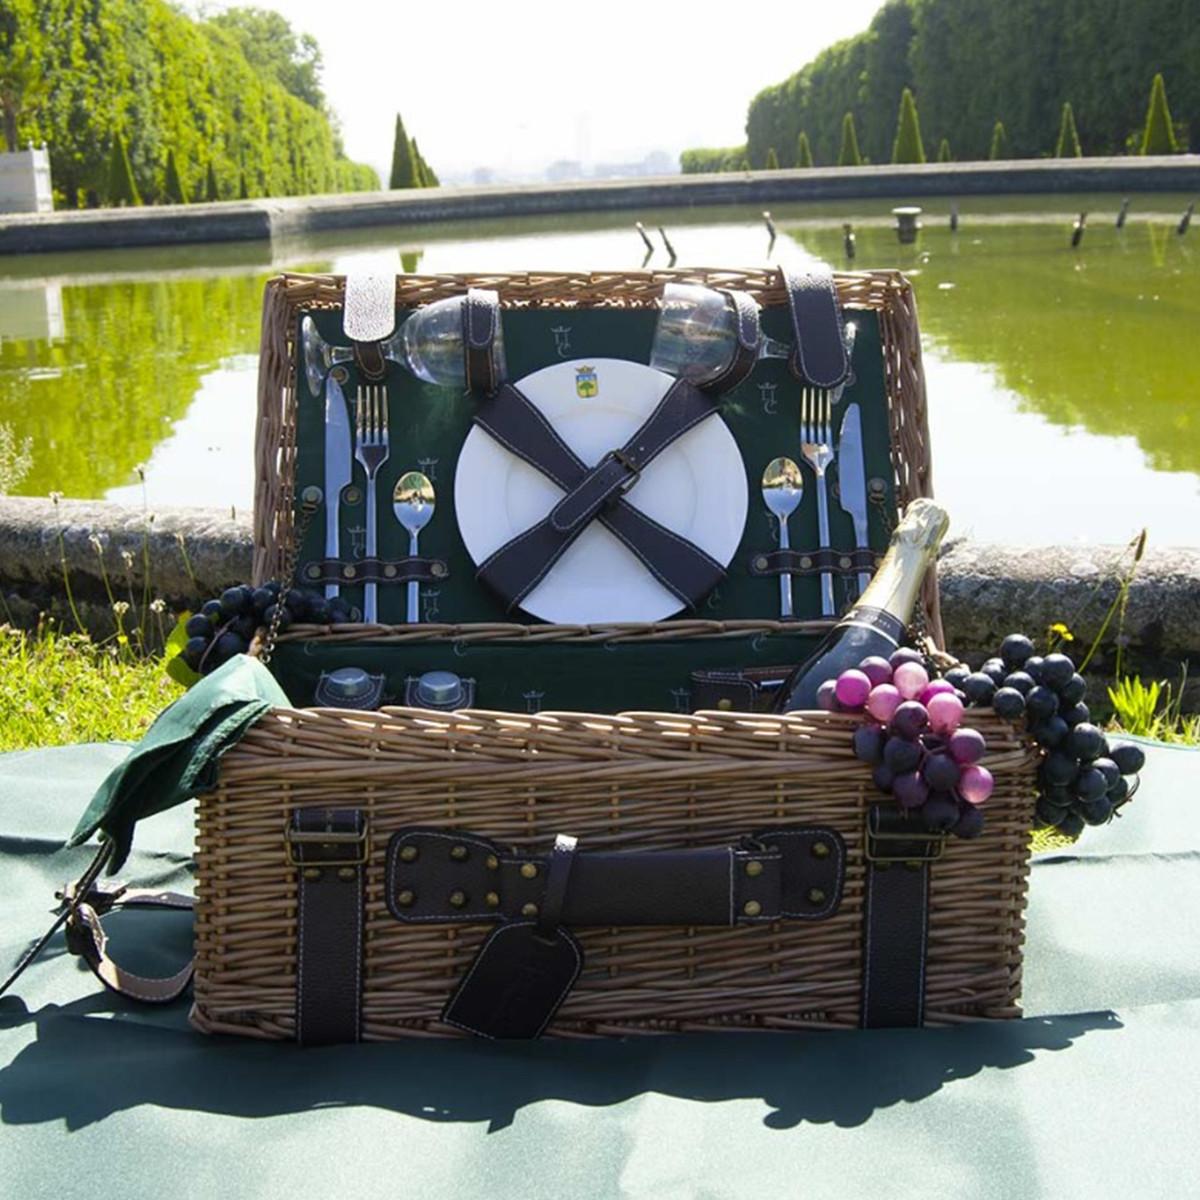 cos de picnic pentru 2 persoane